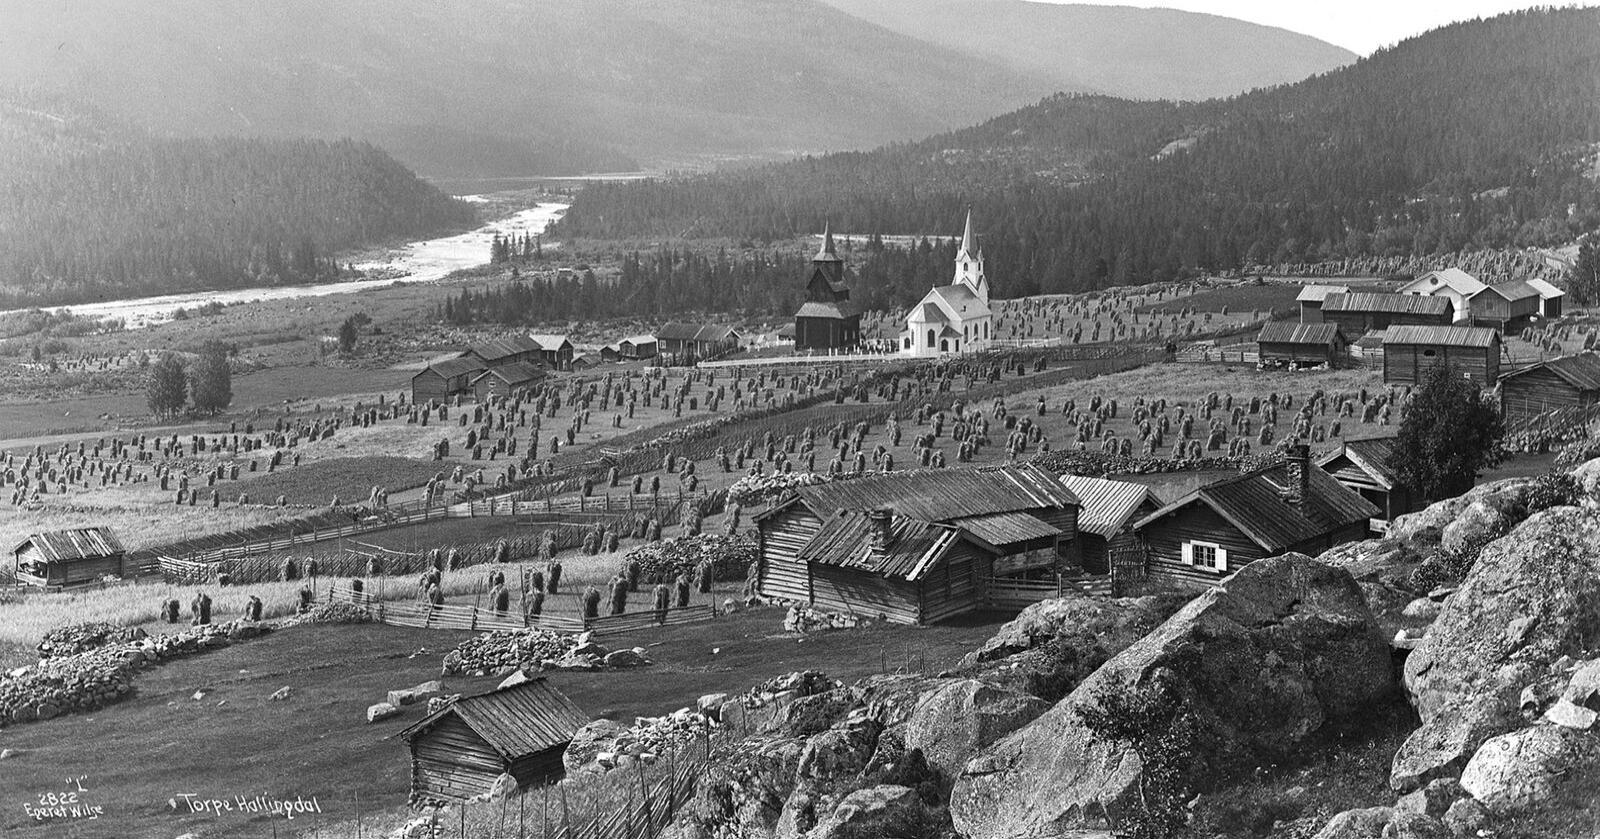 Foto: Axel Lindahl, Norsk Folkemuseum